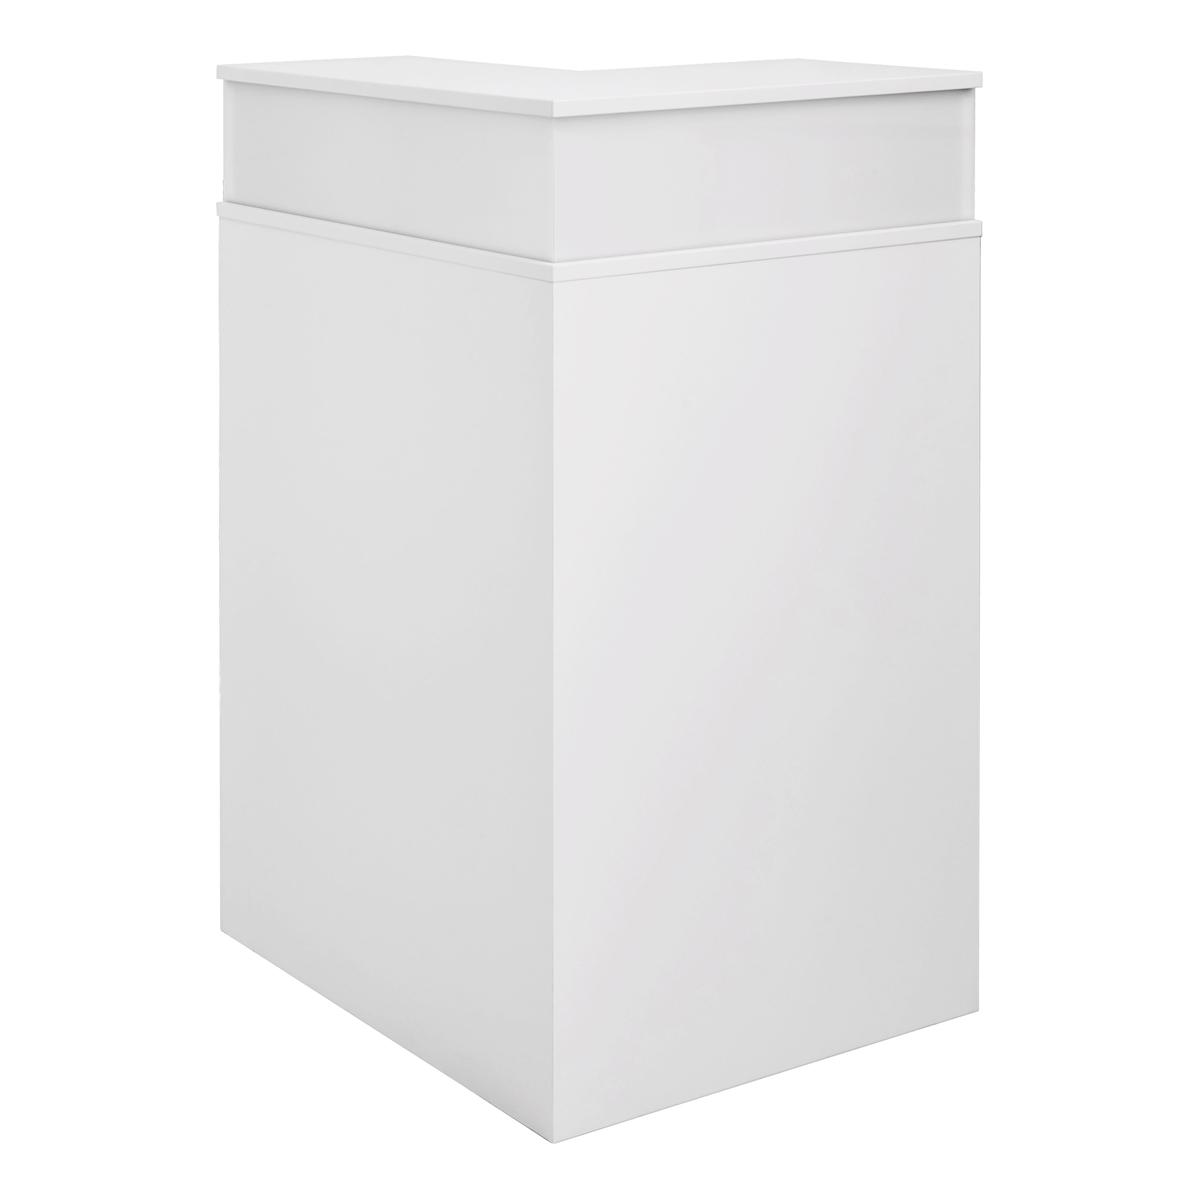 Theke Bianco Eckteil, weiß